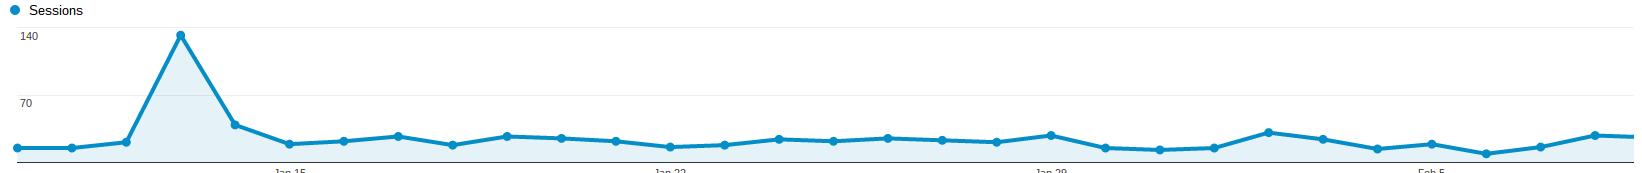 Screenshot 2015-02-10 at 11.03.07